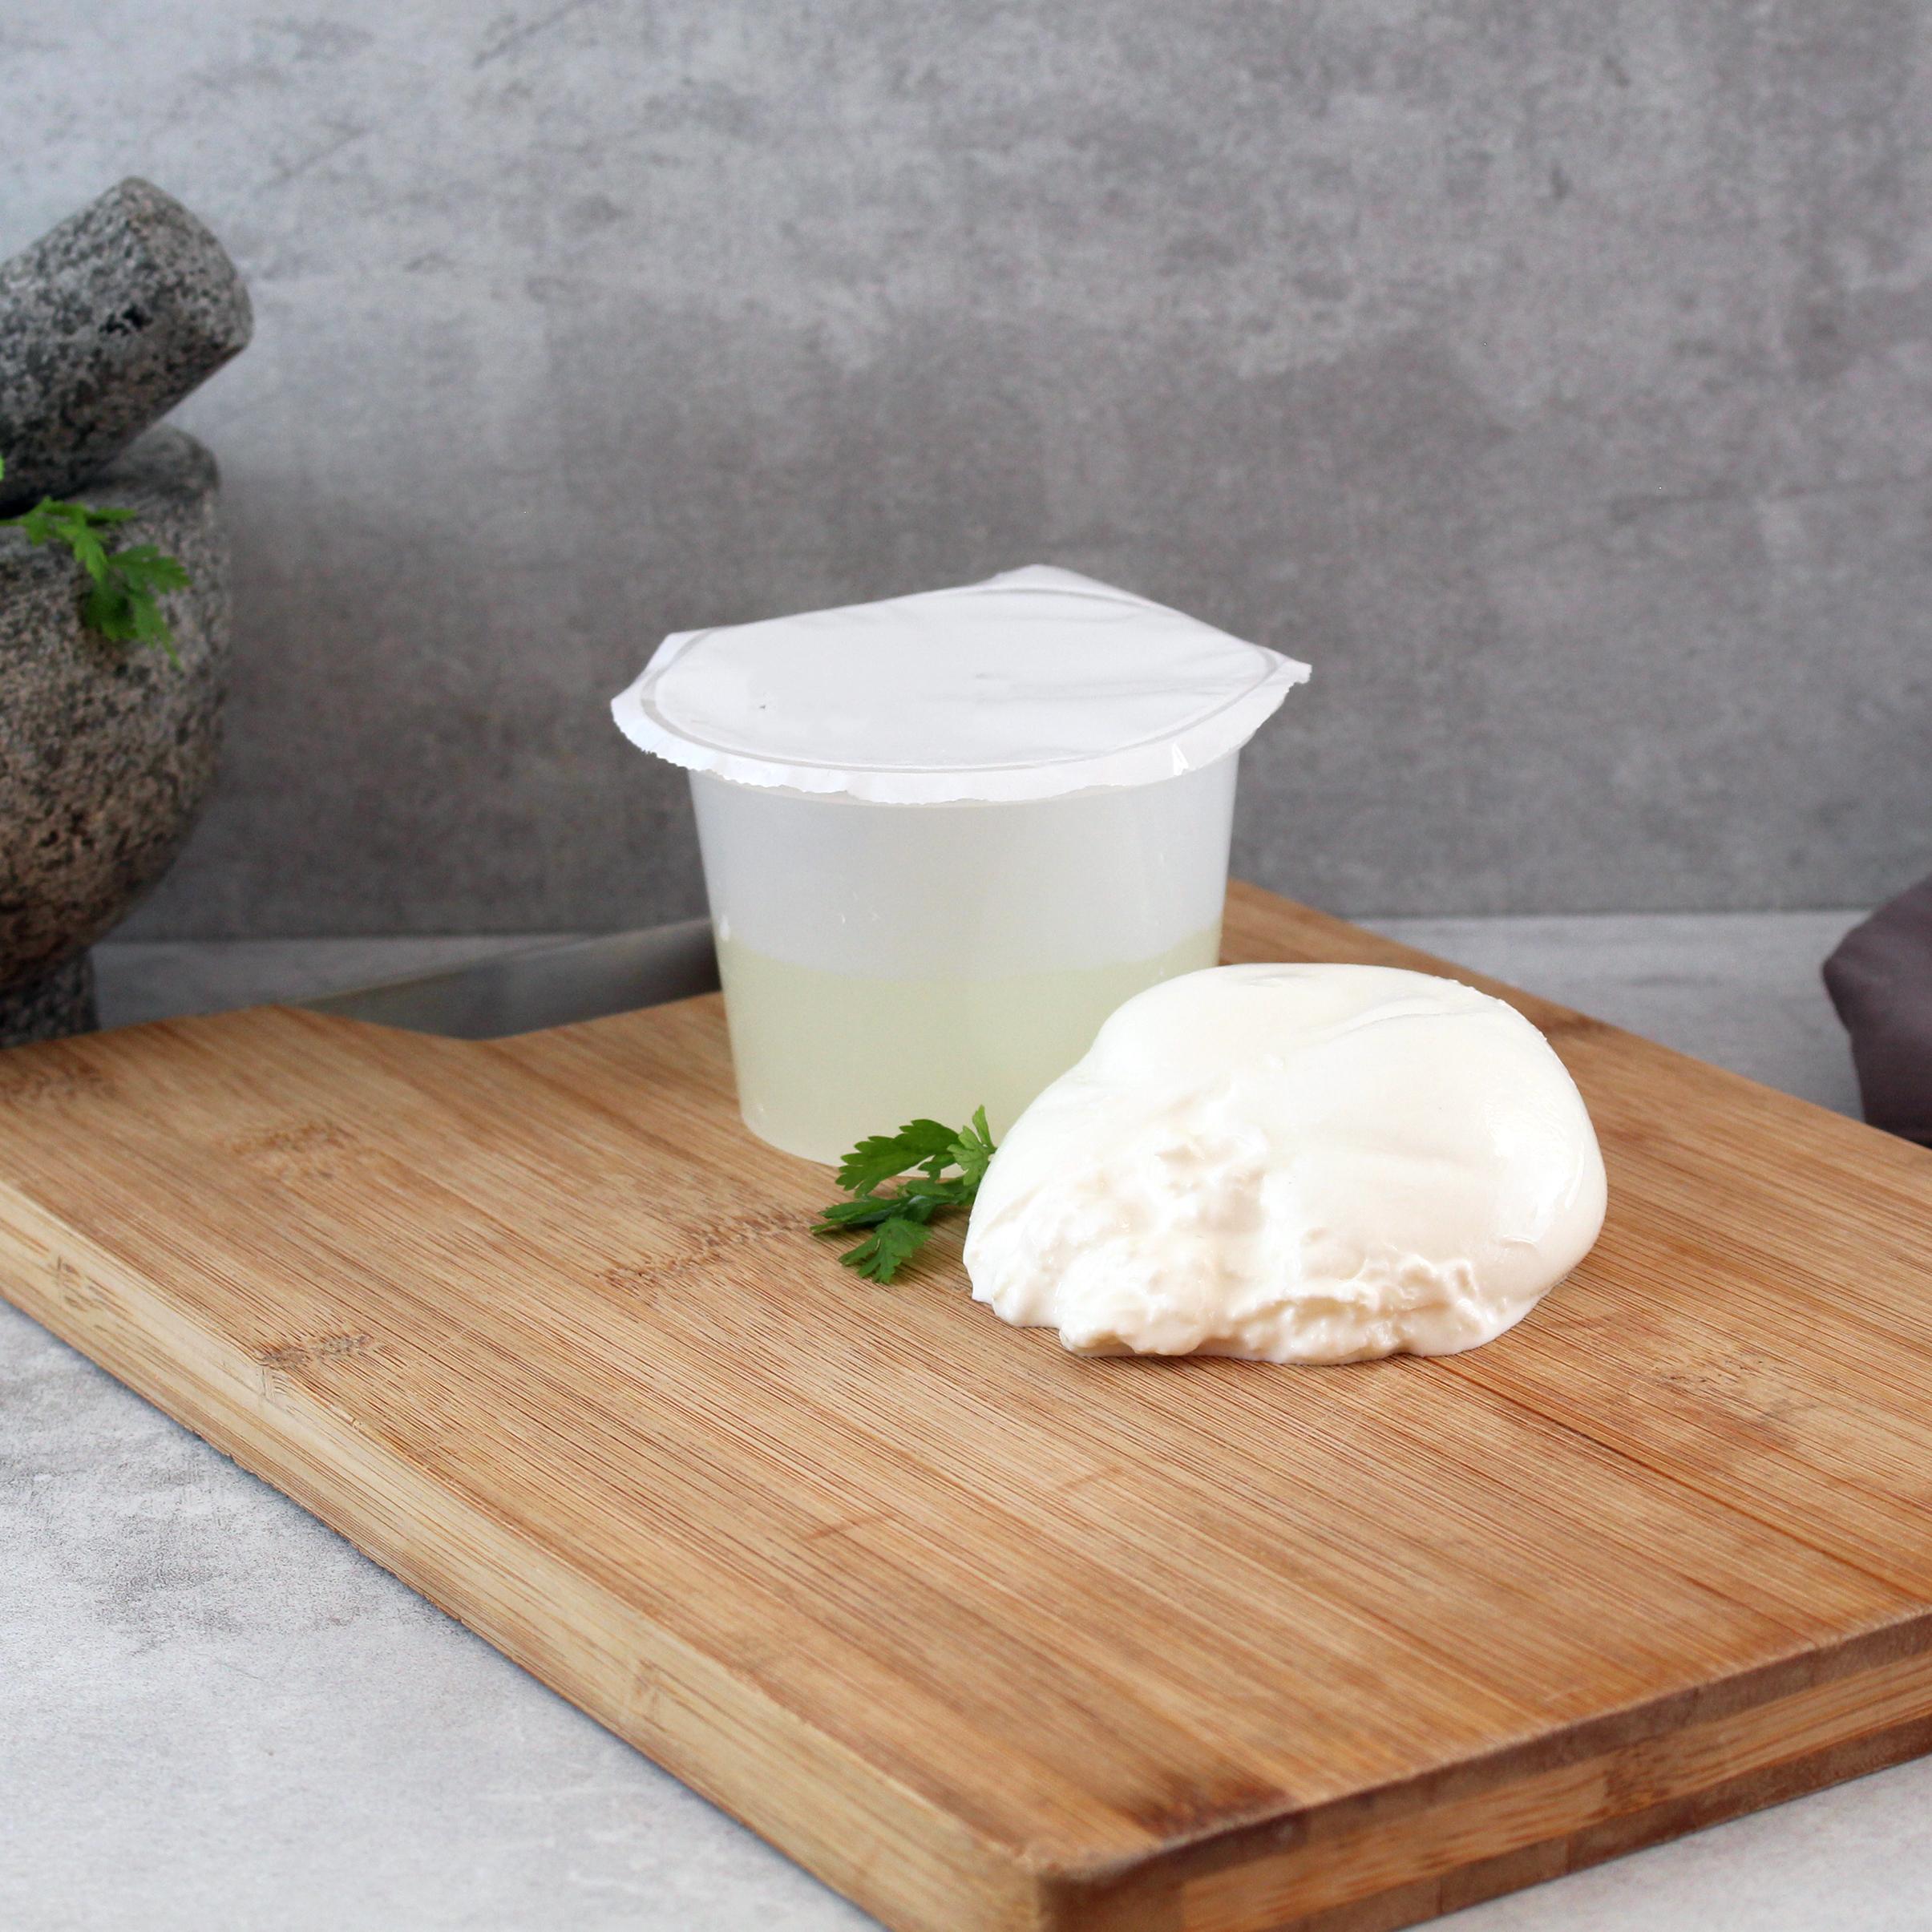 Mozzarella Burrata di Bufala, cremig-weich, 44% Fett, 125g